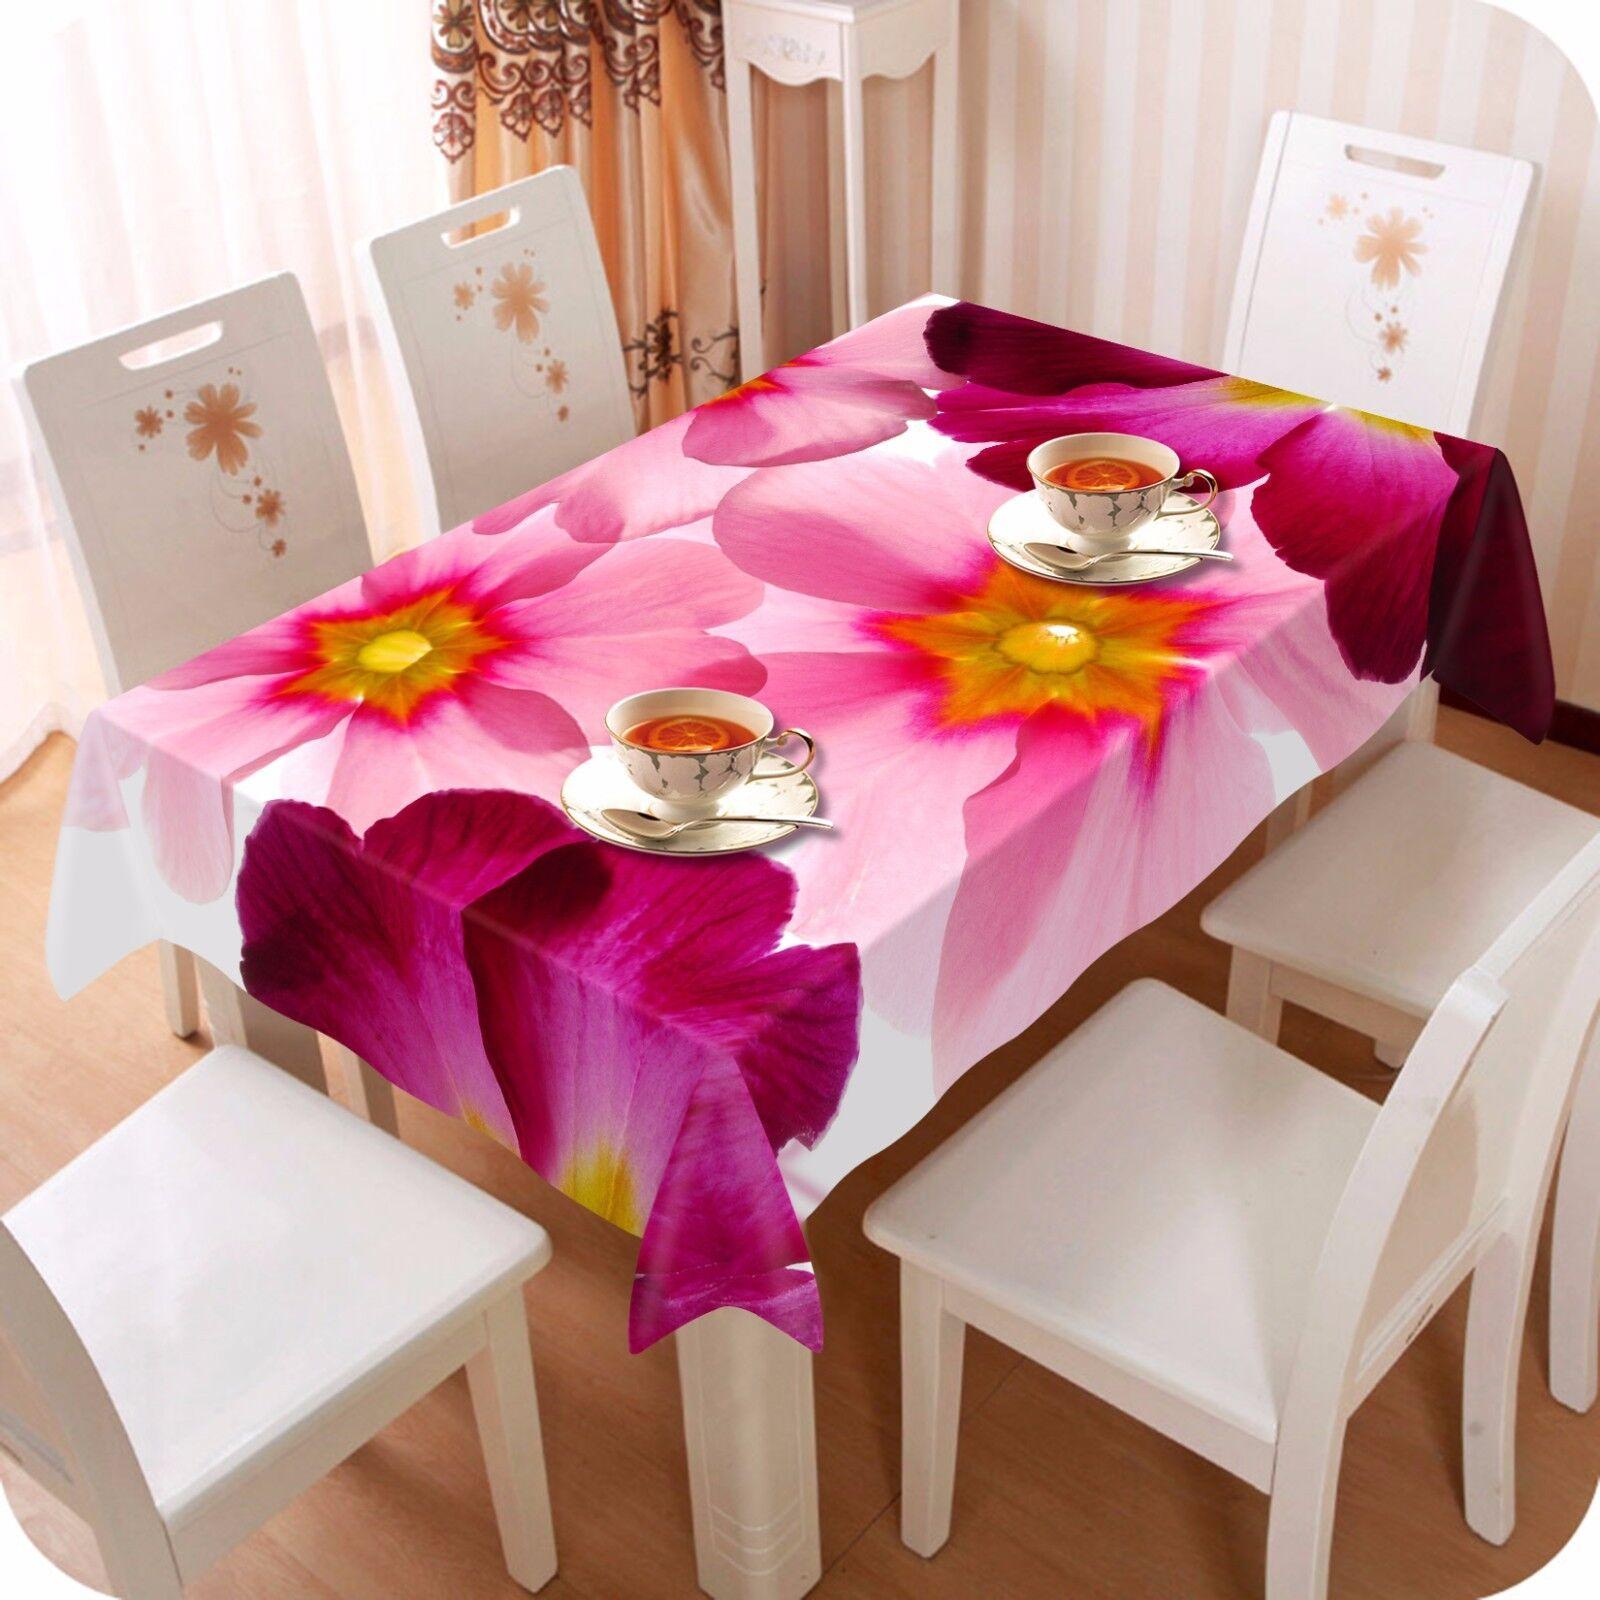 3D pétale 4 Nappe Table Cover Cloth fête d'anniversaire AJ papier peint Royaume-Uni Citron